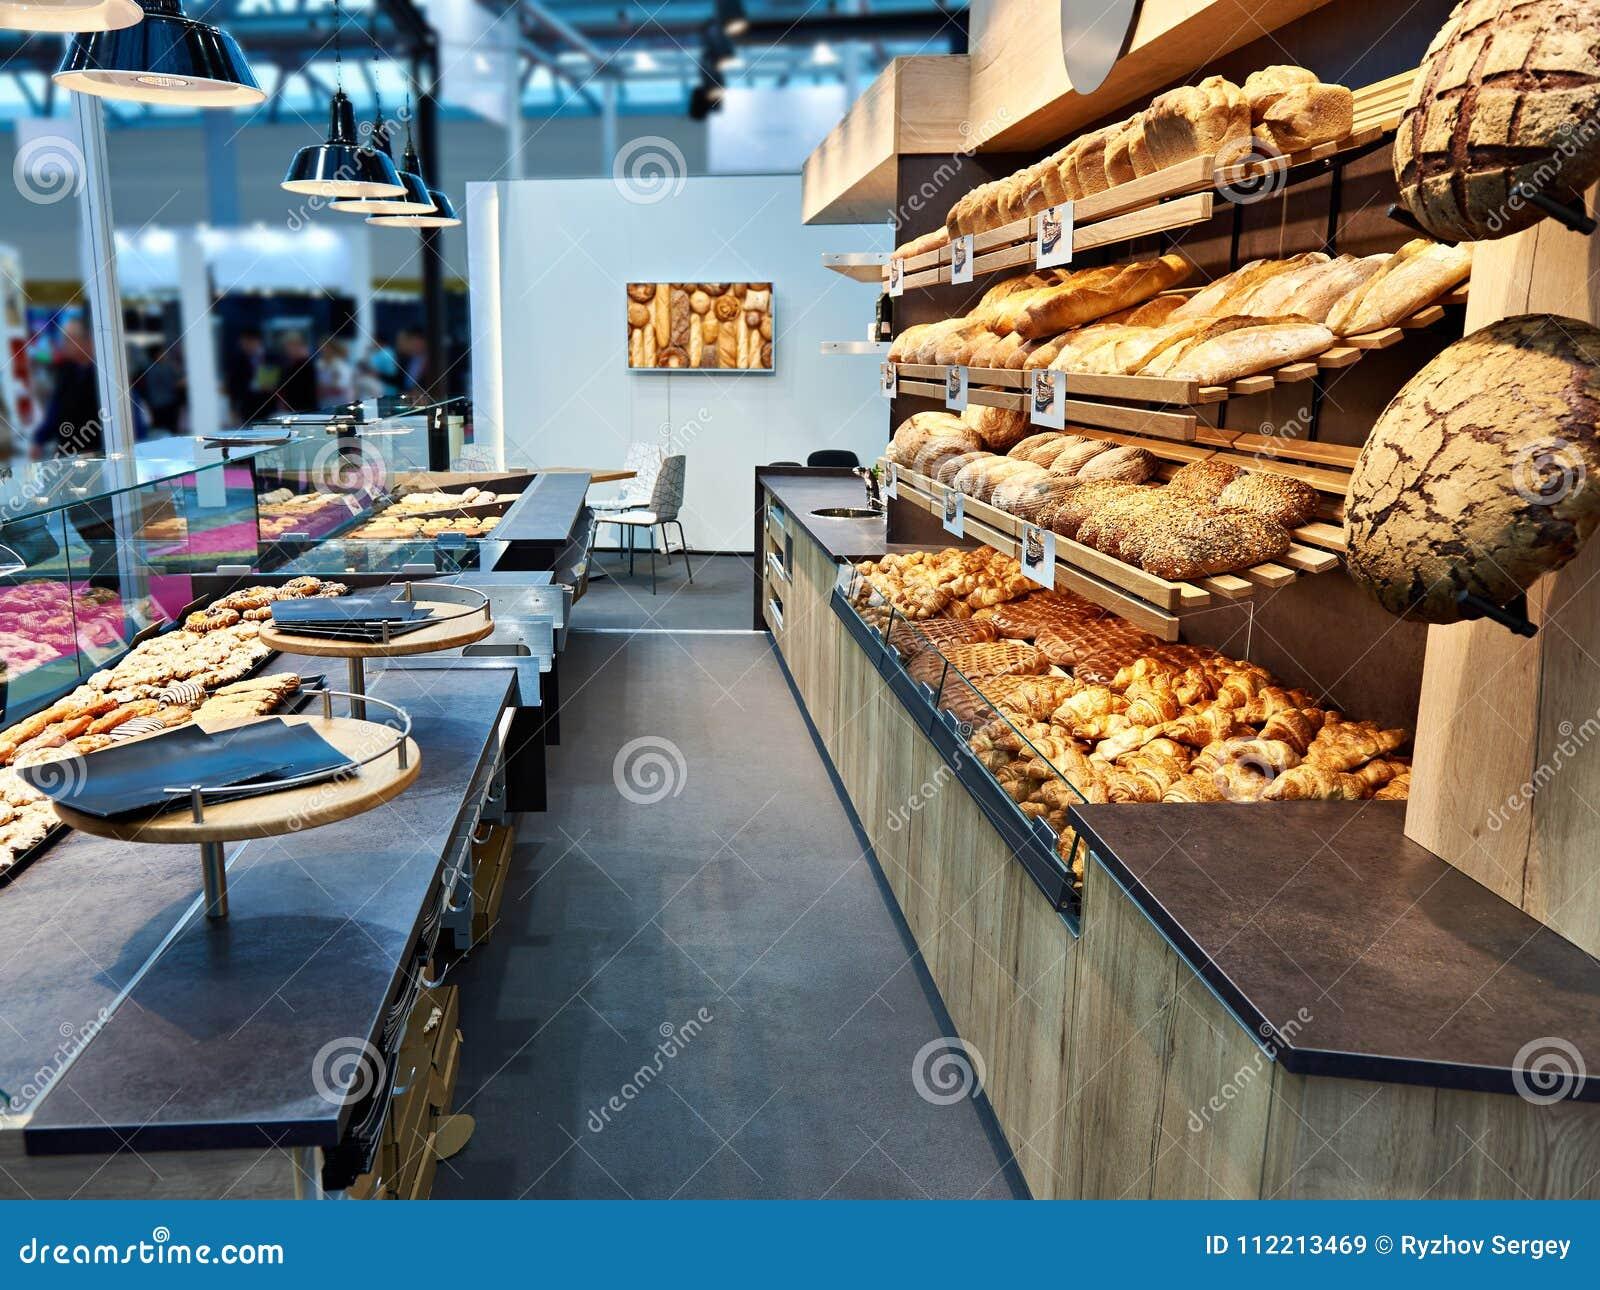 新鲜面包和酥皮点心在面包店